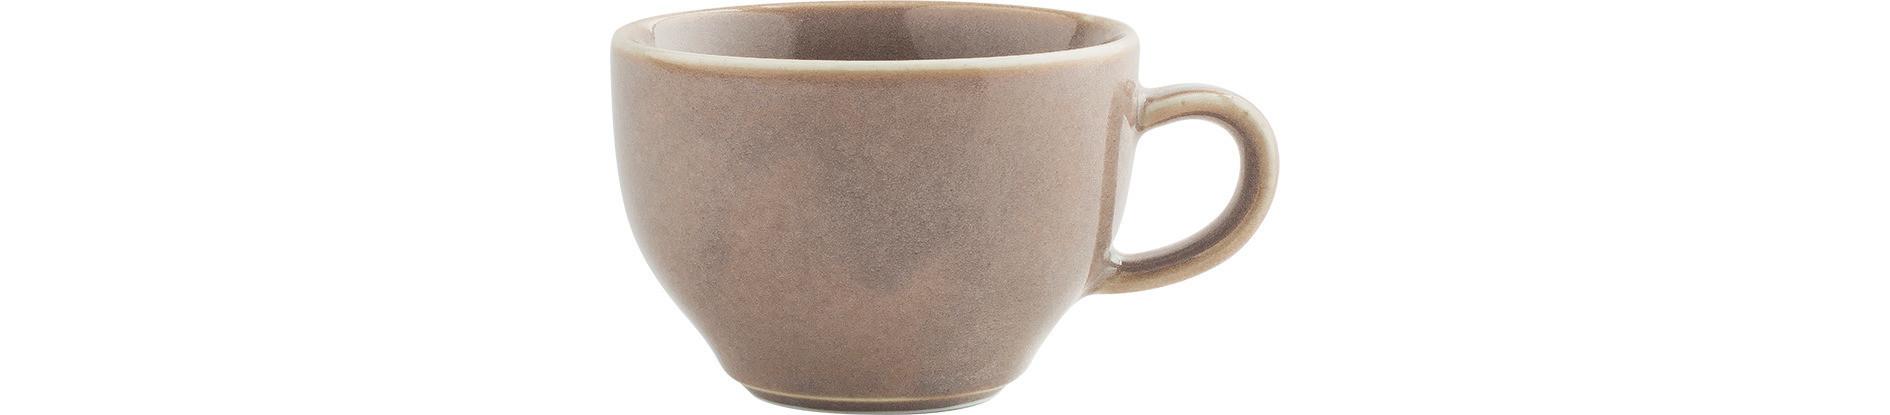 Homestyle, Cappuccinotasse International ø 96 mm / 0,23 l desert sand